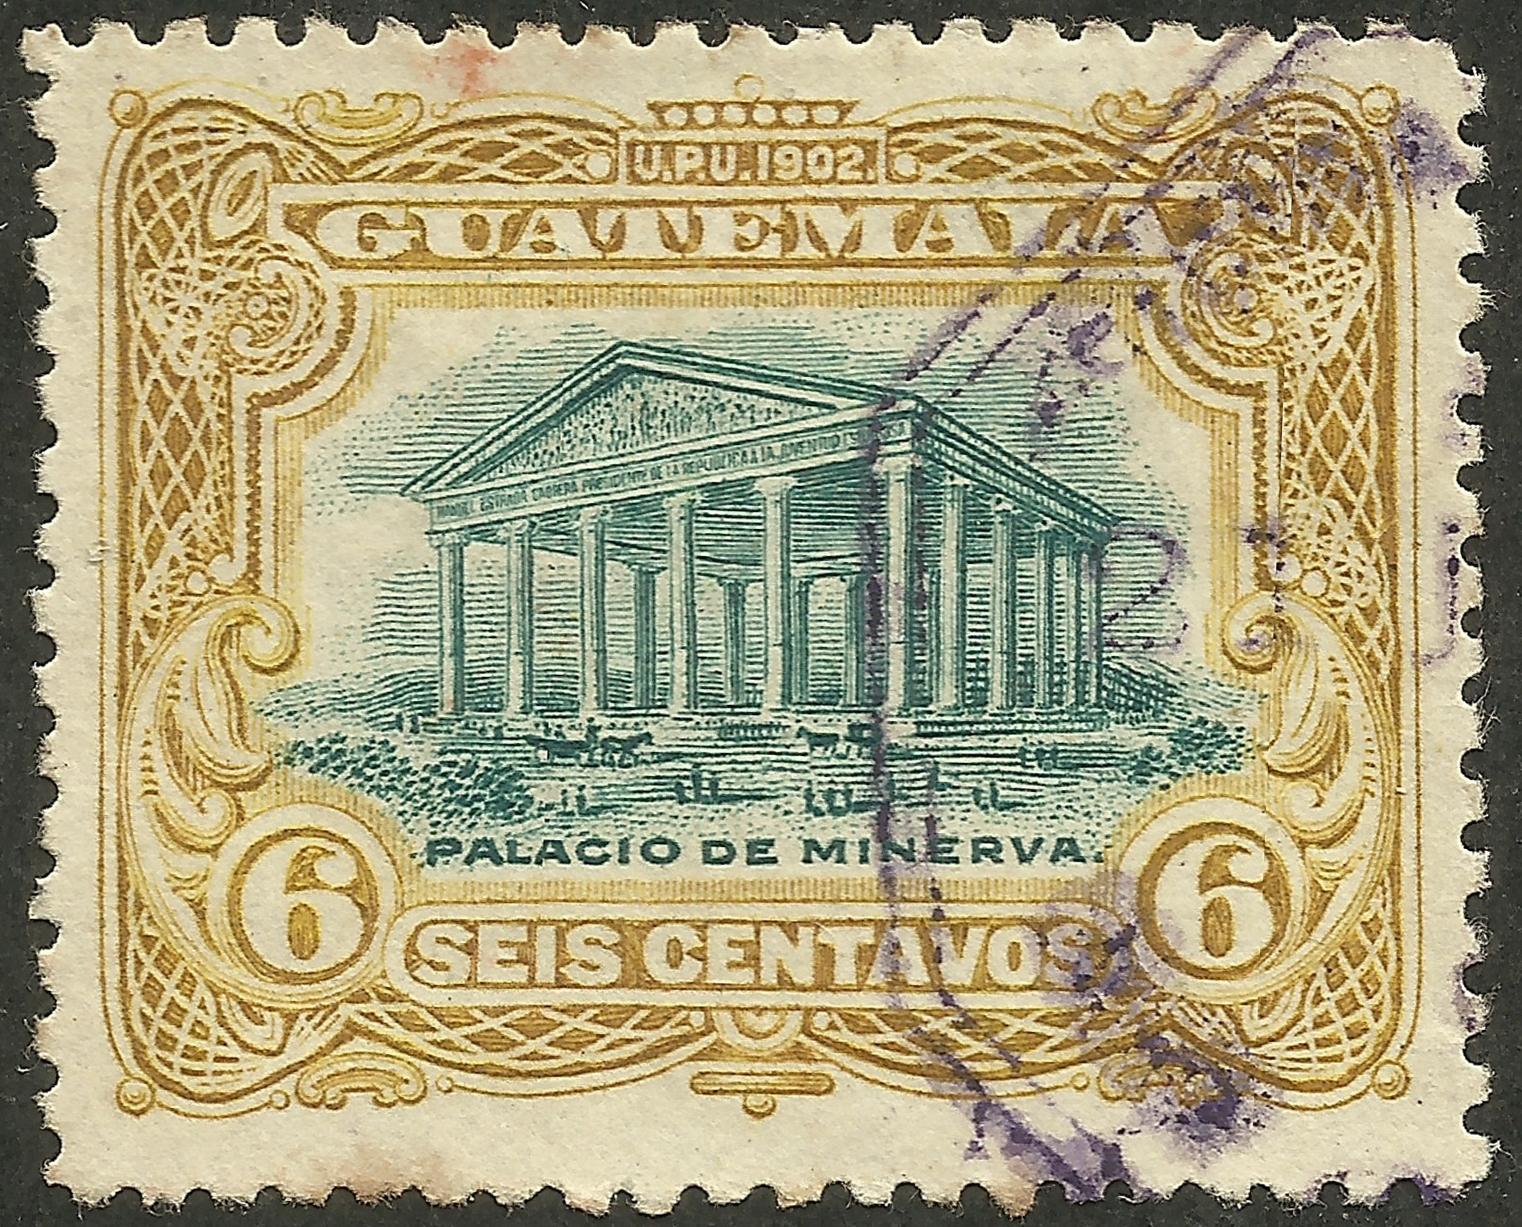 Guatemala - Scott #117 (1902)